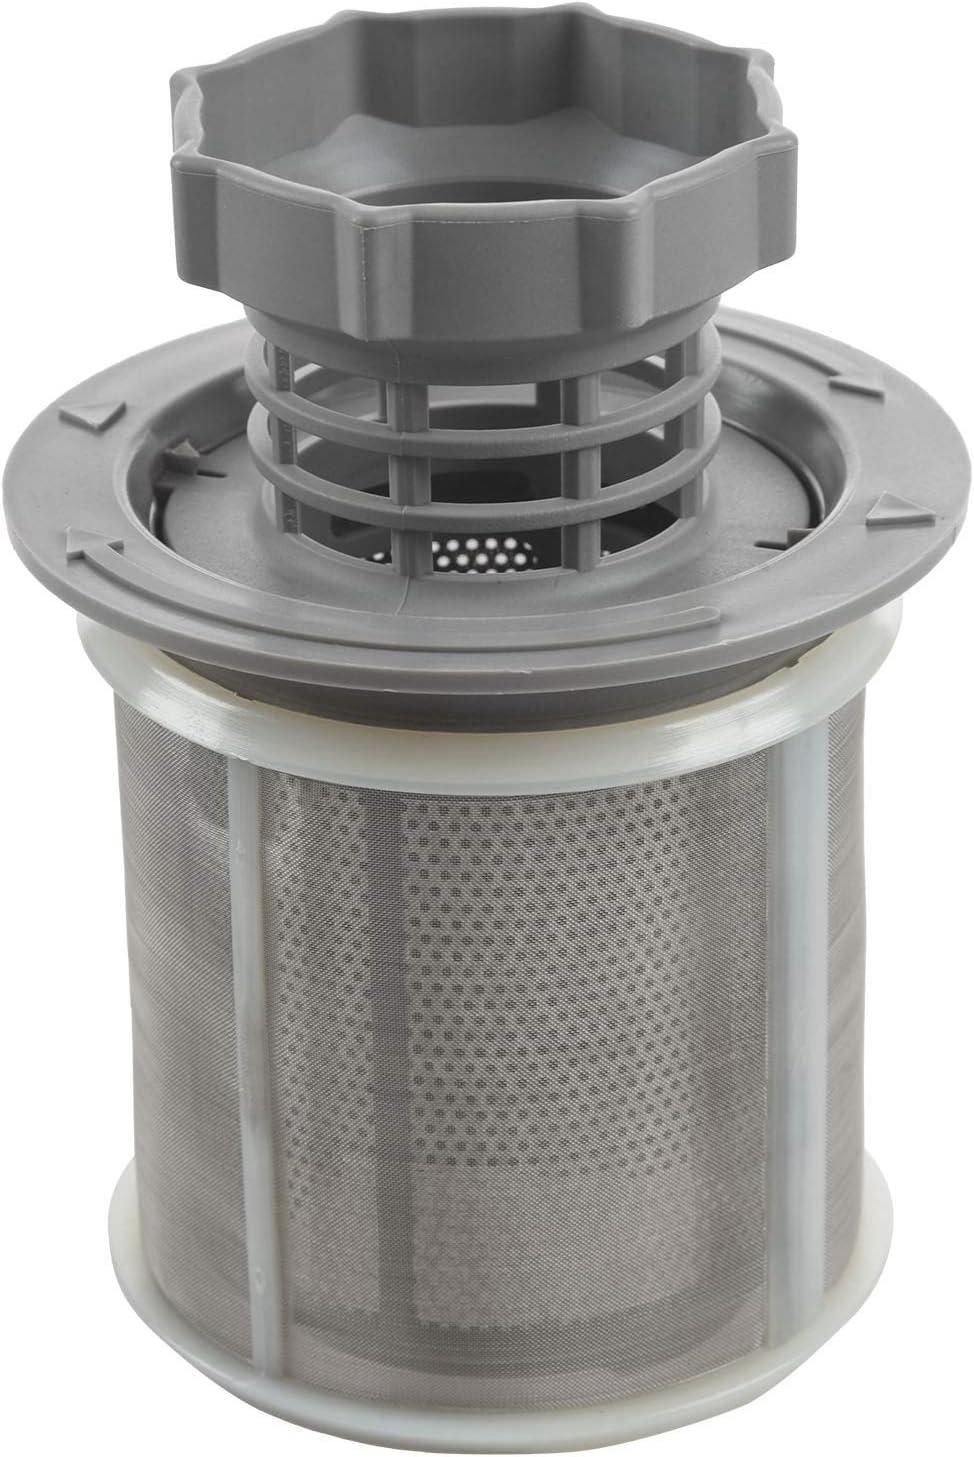 SODIAL Juego de filtro de malla de 2 piezas para lavavajillas PP gris para lavavajillas Bosch 427903 Reemplazo de la serie 170740 para lavavajillas